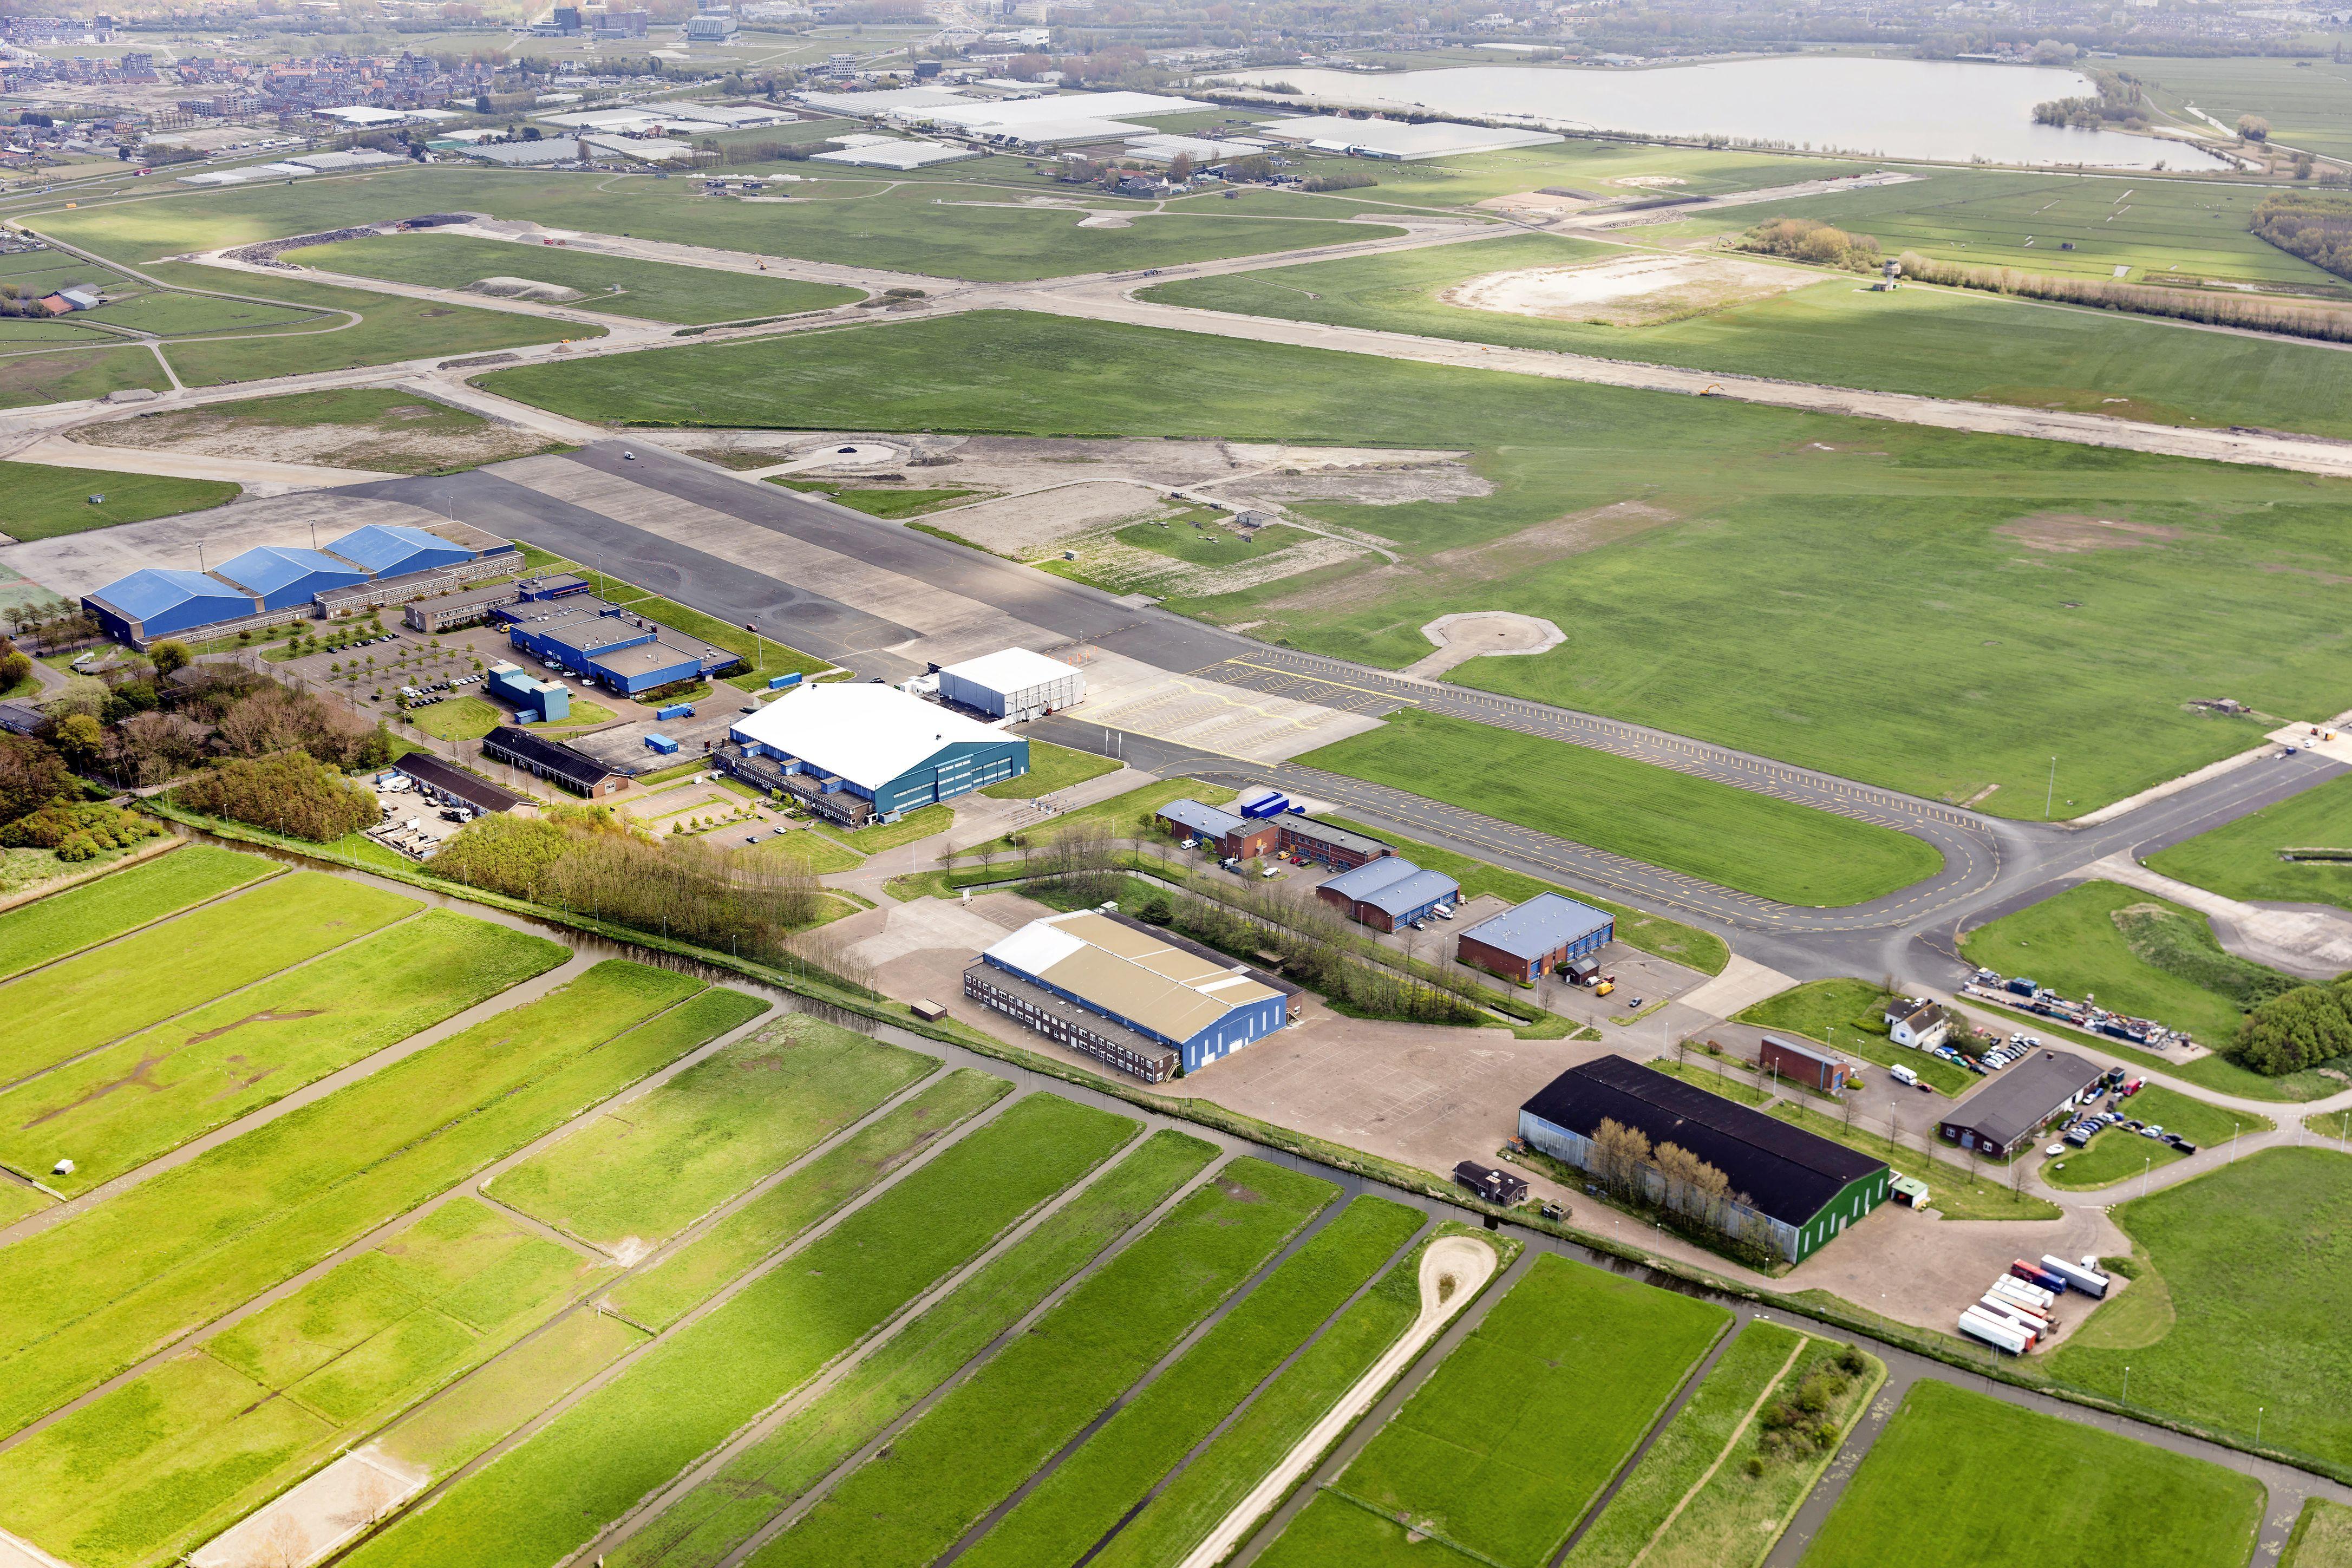 Kamervragen over koehandel met stikstofrechten oude veehouderijen voor bouw nieuw dorp Valkenhorst: 'Kilo stikstof op deze manier 6500 euro waard'